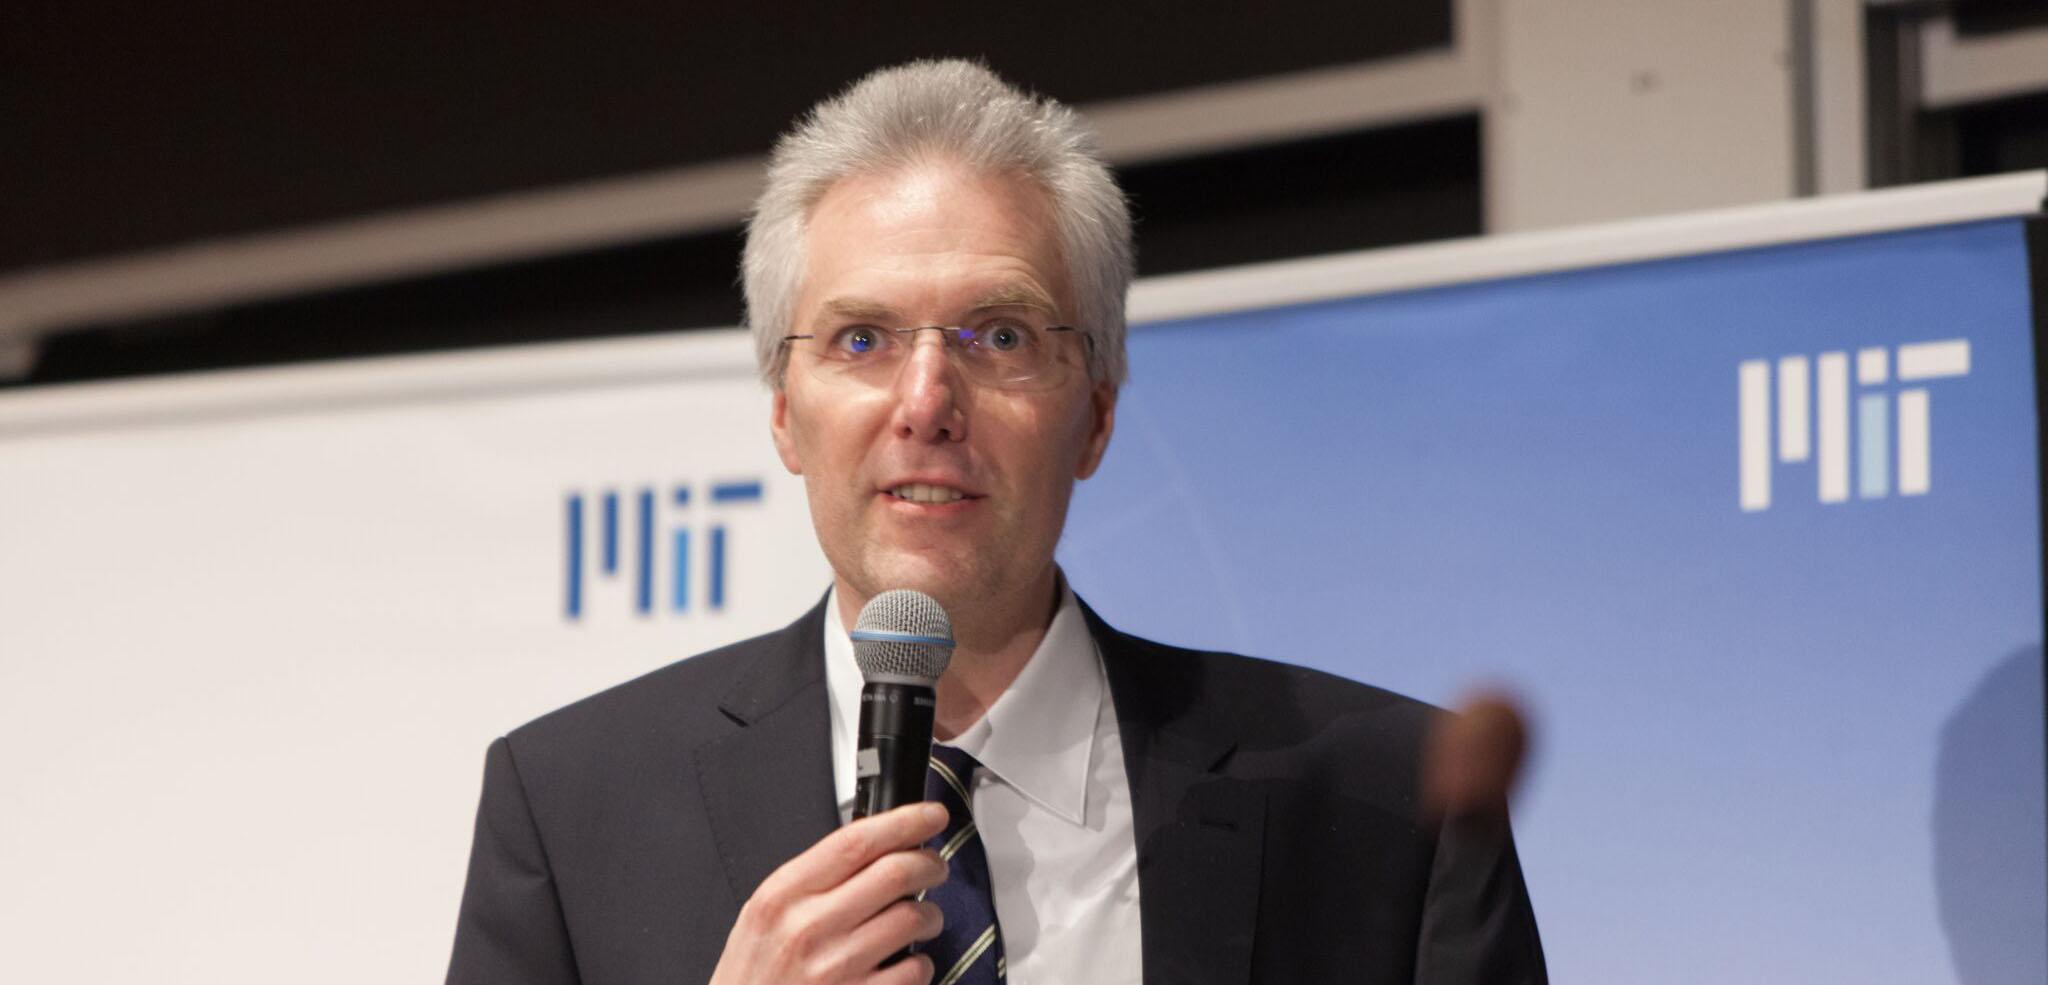 Raffaele Ferrari - Climate@MIT Symposium, Feb 2015